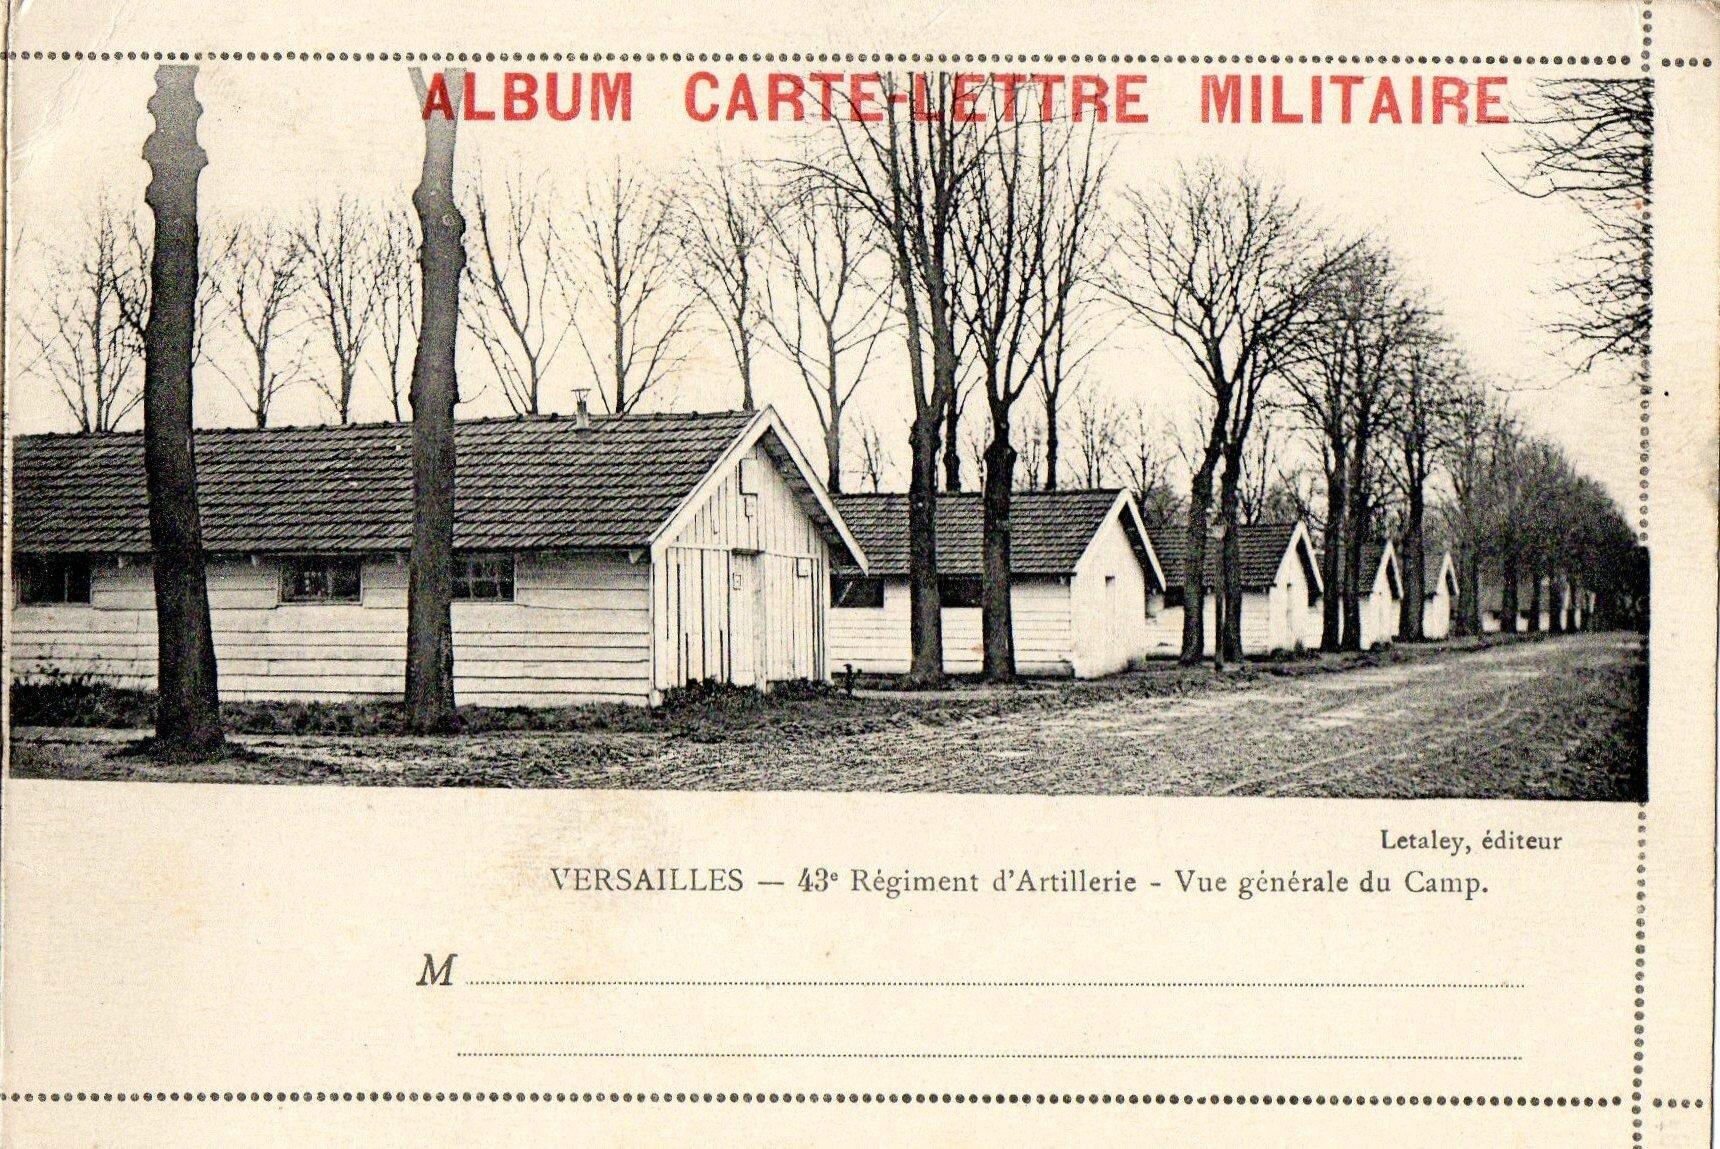 Camp de Satory, Versailles, Album carte-lettre militaire du 43e RAC, Vue générale du Camp